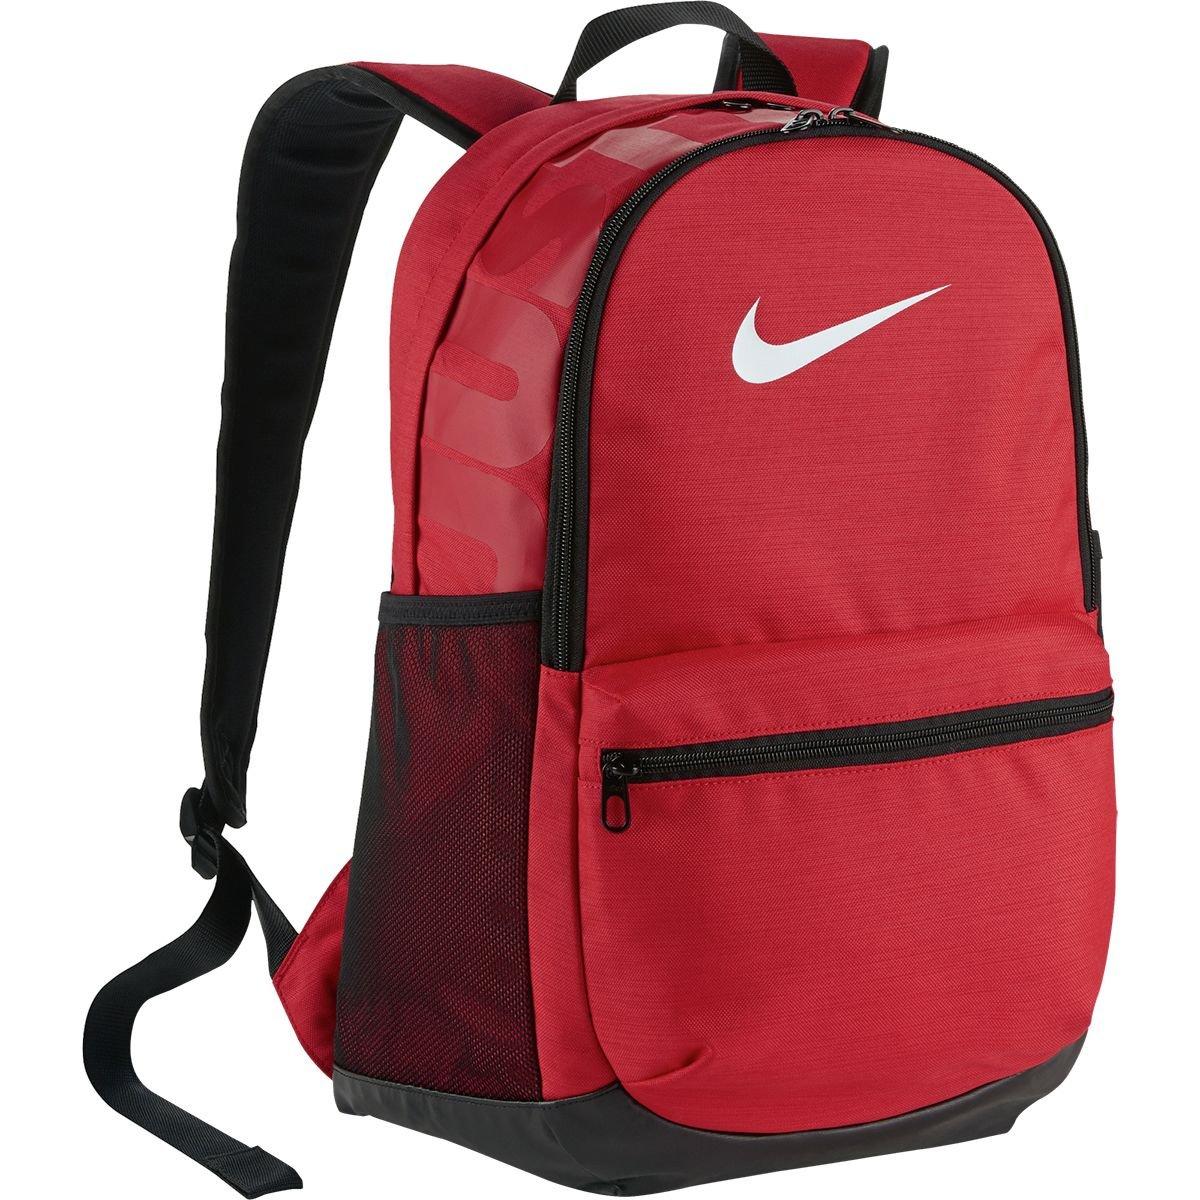 (ナイキ) Nike Brasilia Medium Backpackメンズ バックパック リュック University Red/Black/White [並行輸入品]   B07C5GH48D